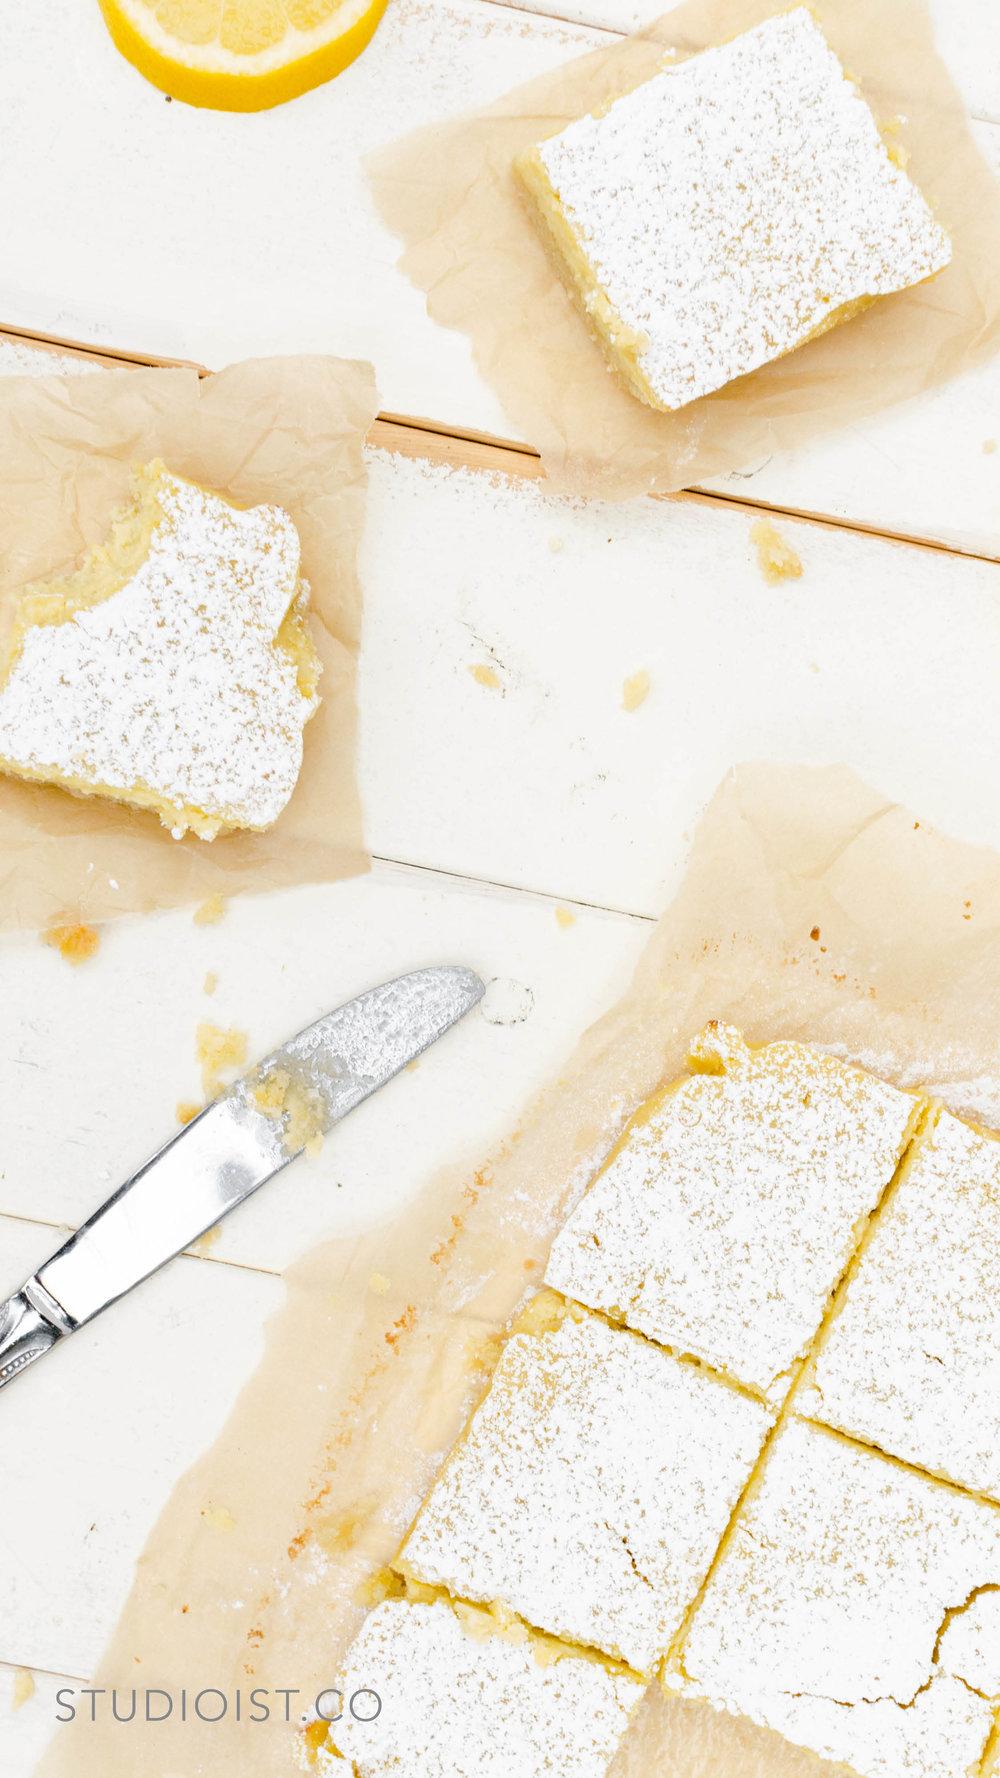 Gluten-Free Keto Lemony Lemon Bars_Studioist3.jpg